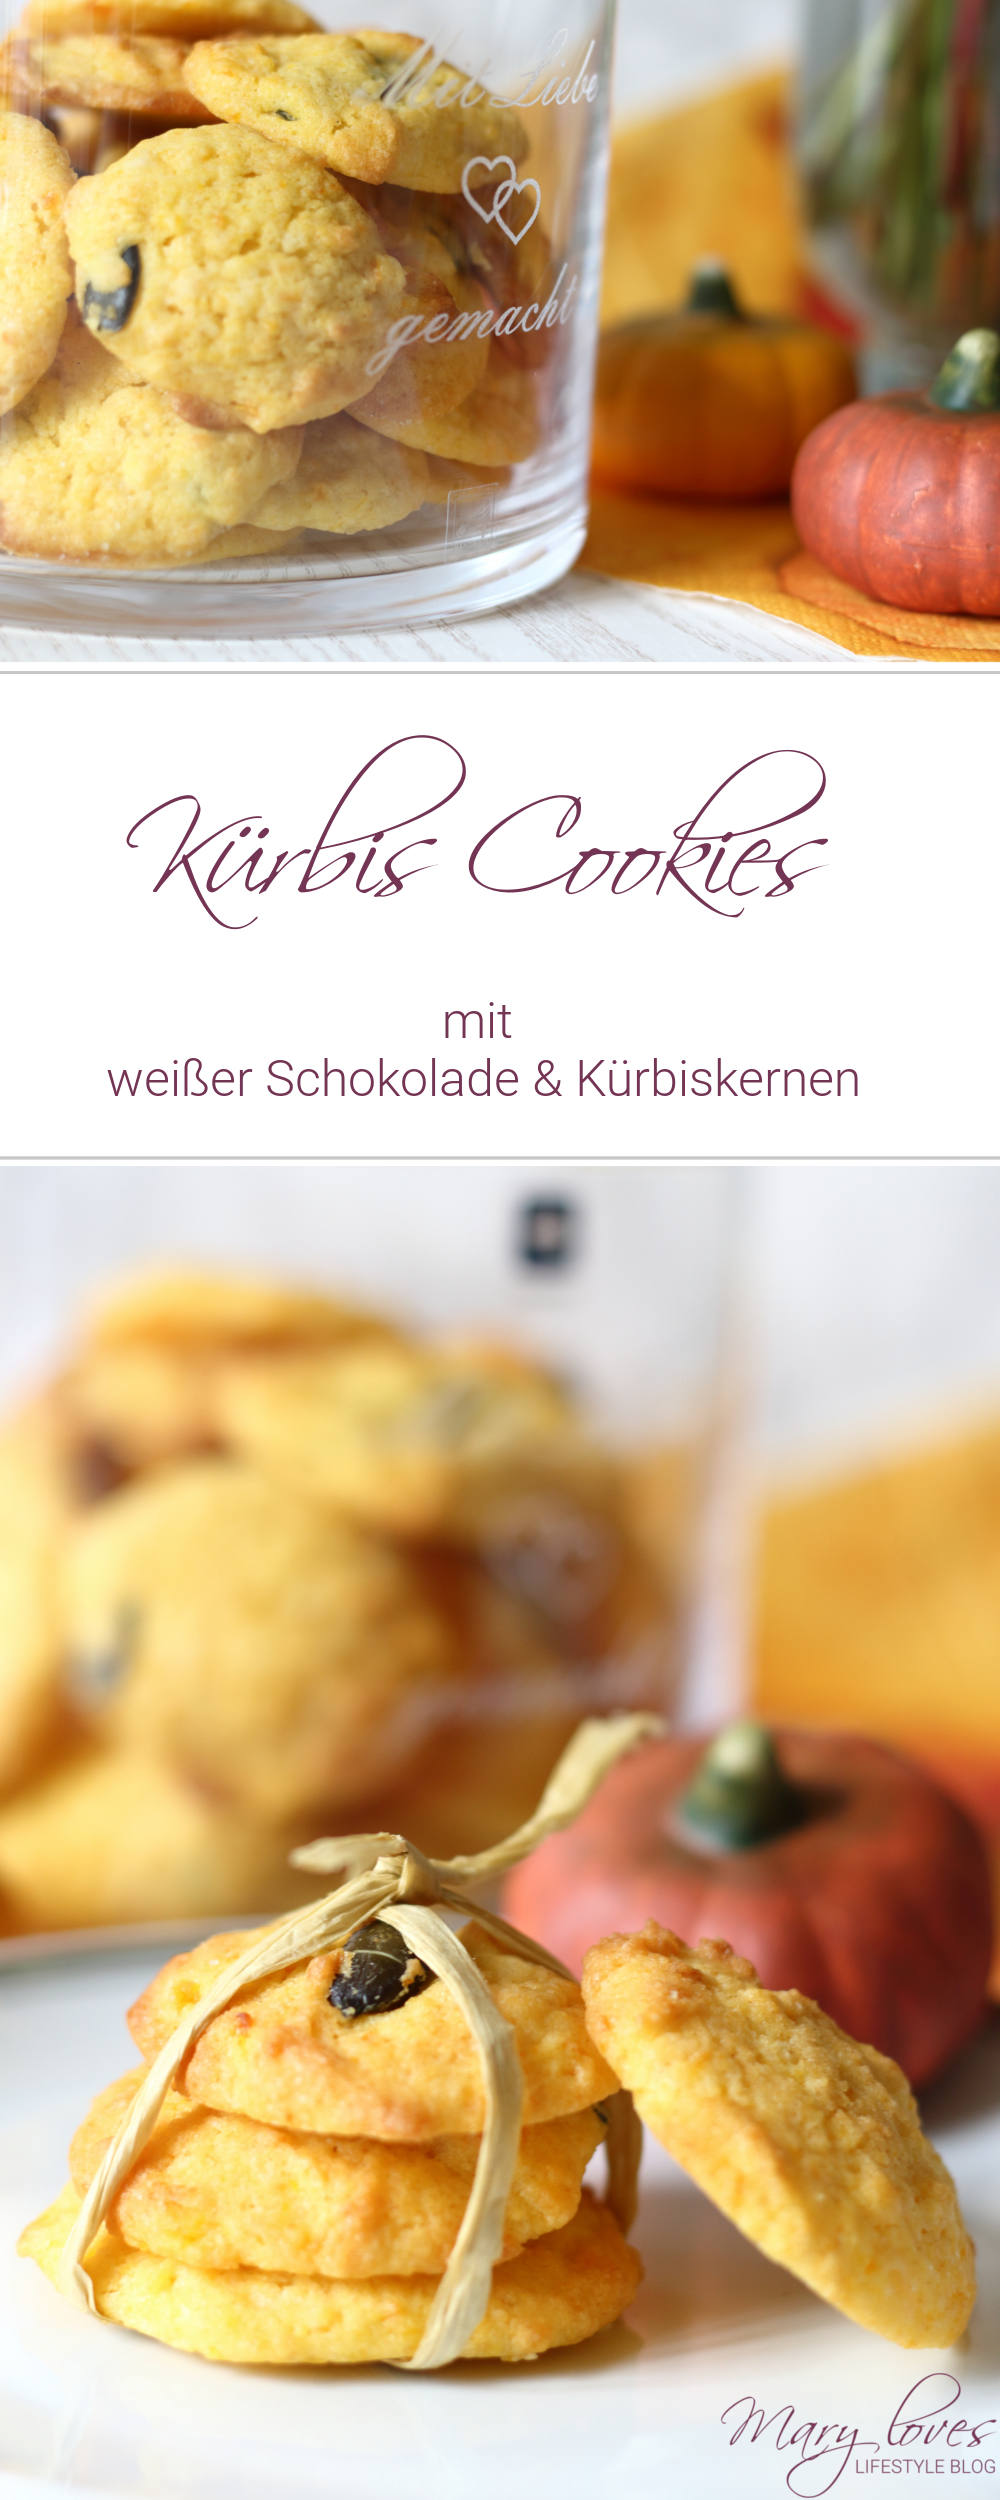 Kürbis Cookies mit weißer Schokolade und Kürbiskernen - Rezept für herbstliche Kürbiskekse - #kürbiscookies #kürbis #kürbisrezept #pumpkincookies #cookies